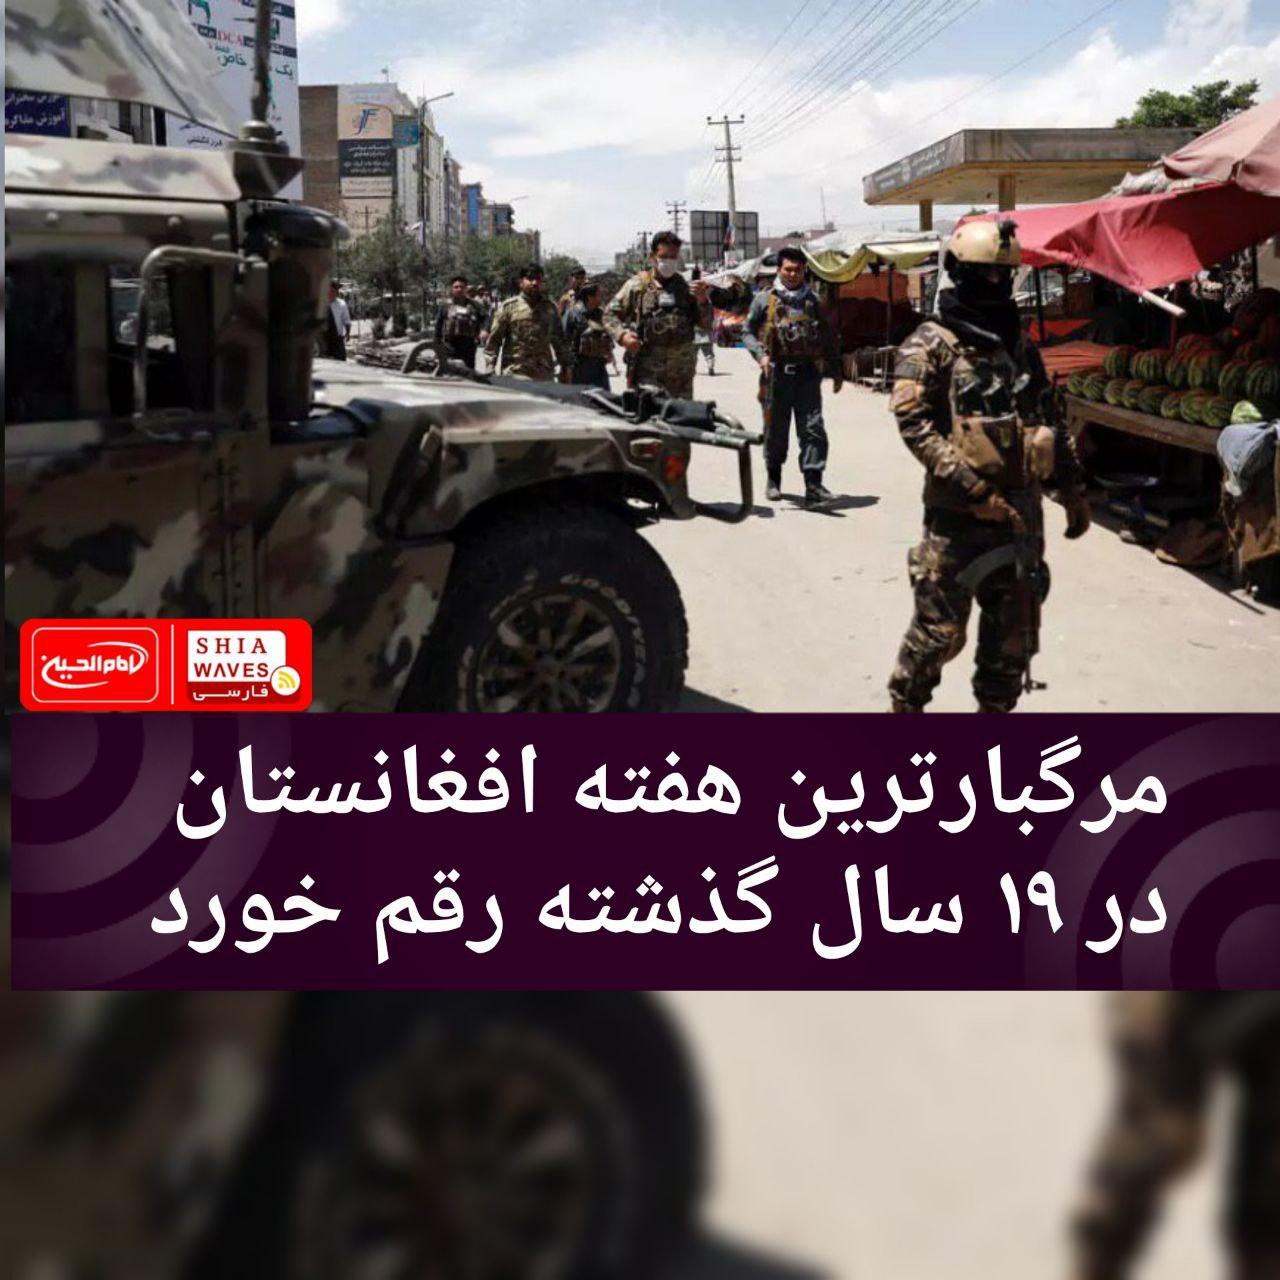 تصویر مرگبارترین هفته افغانستان در ۱۹ سال گذشته رقم خورد